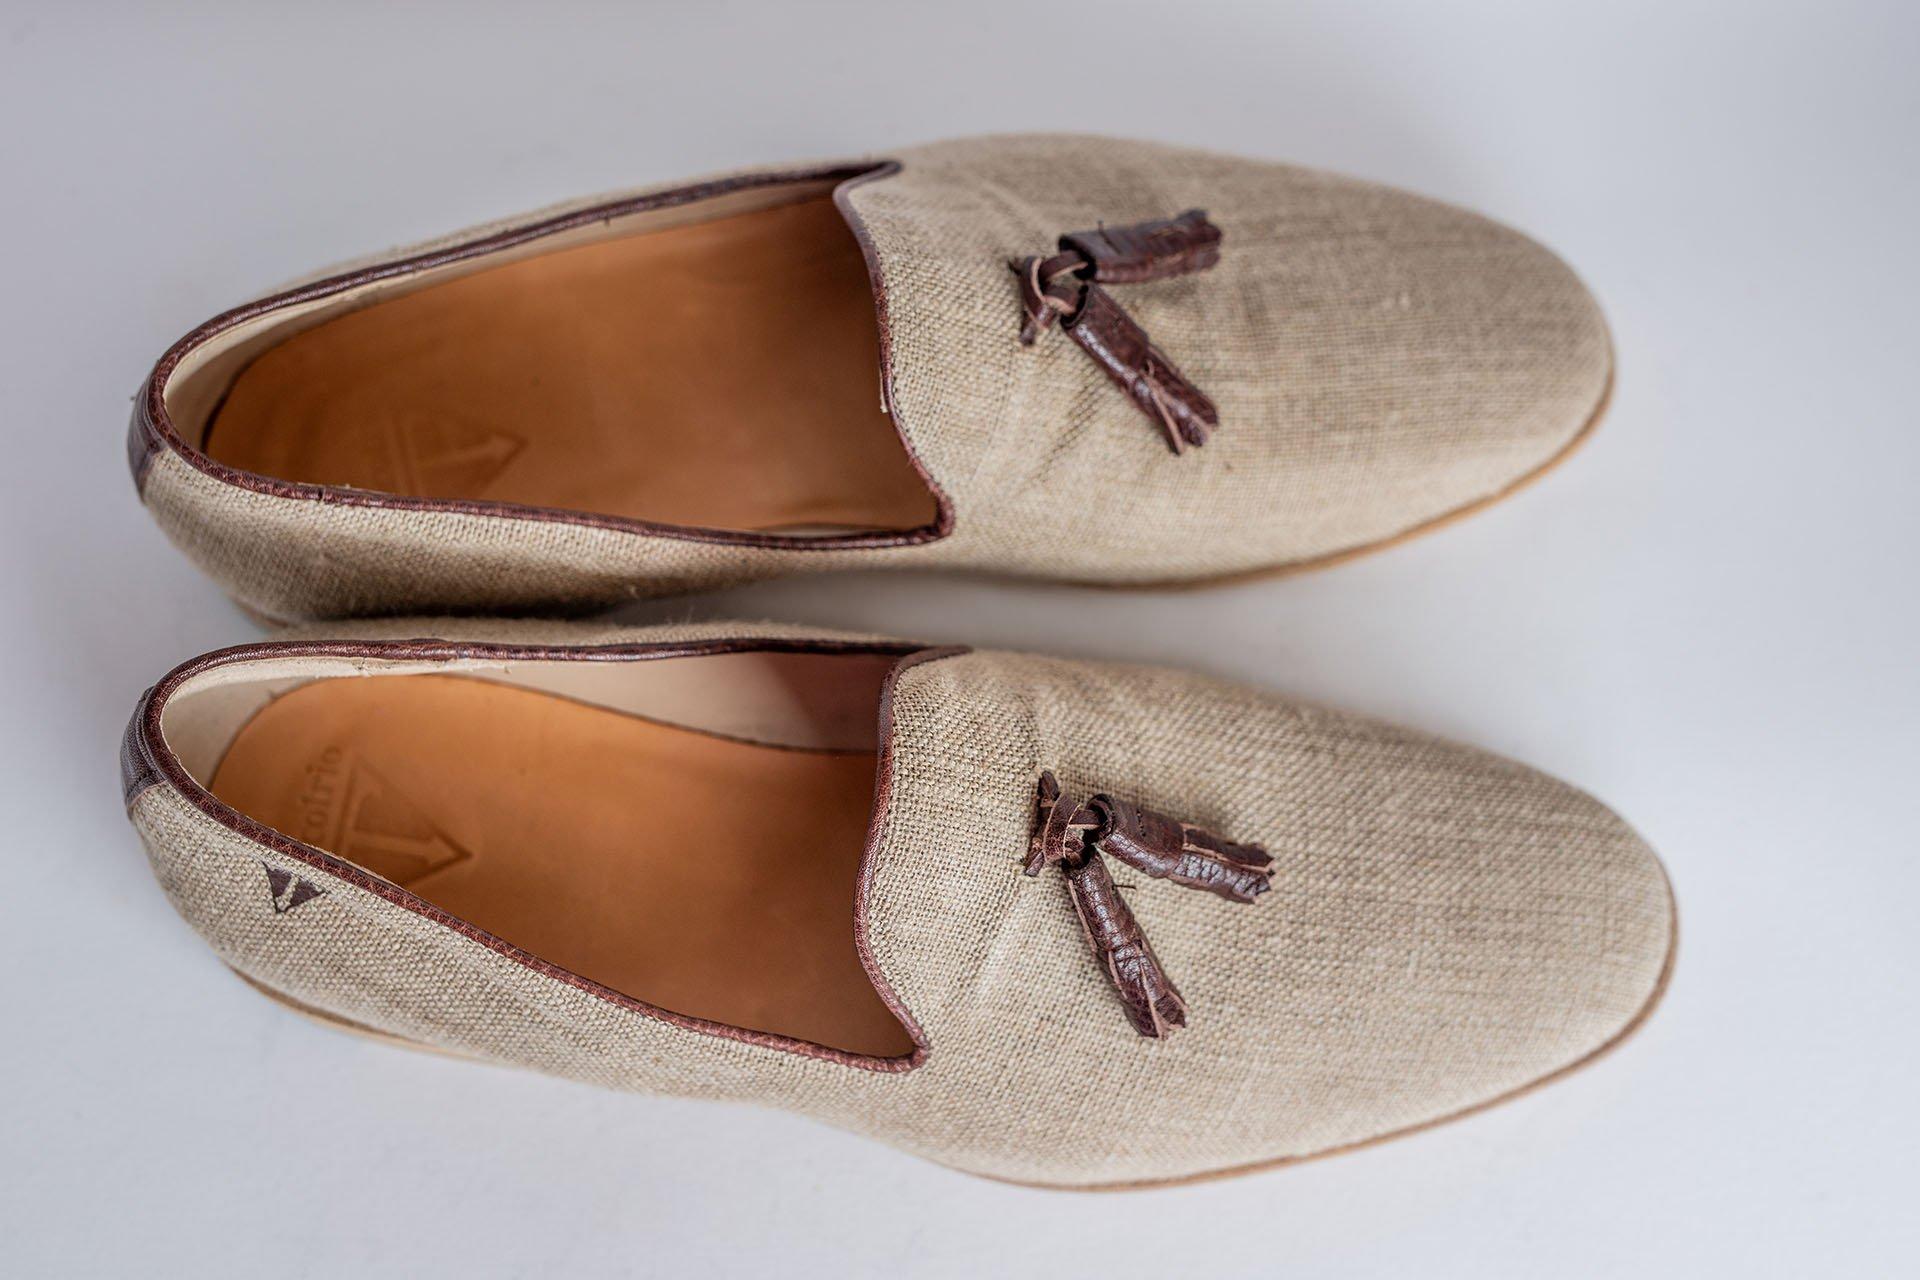 Pantofola-canapa-naturale-A1